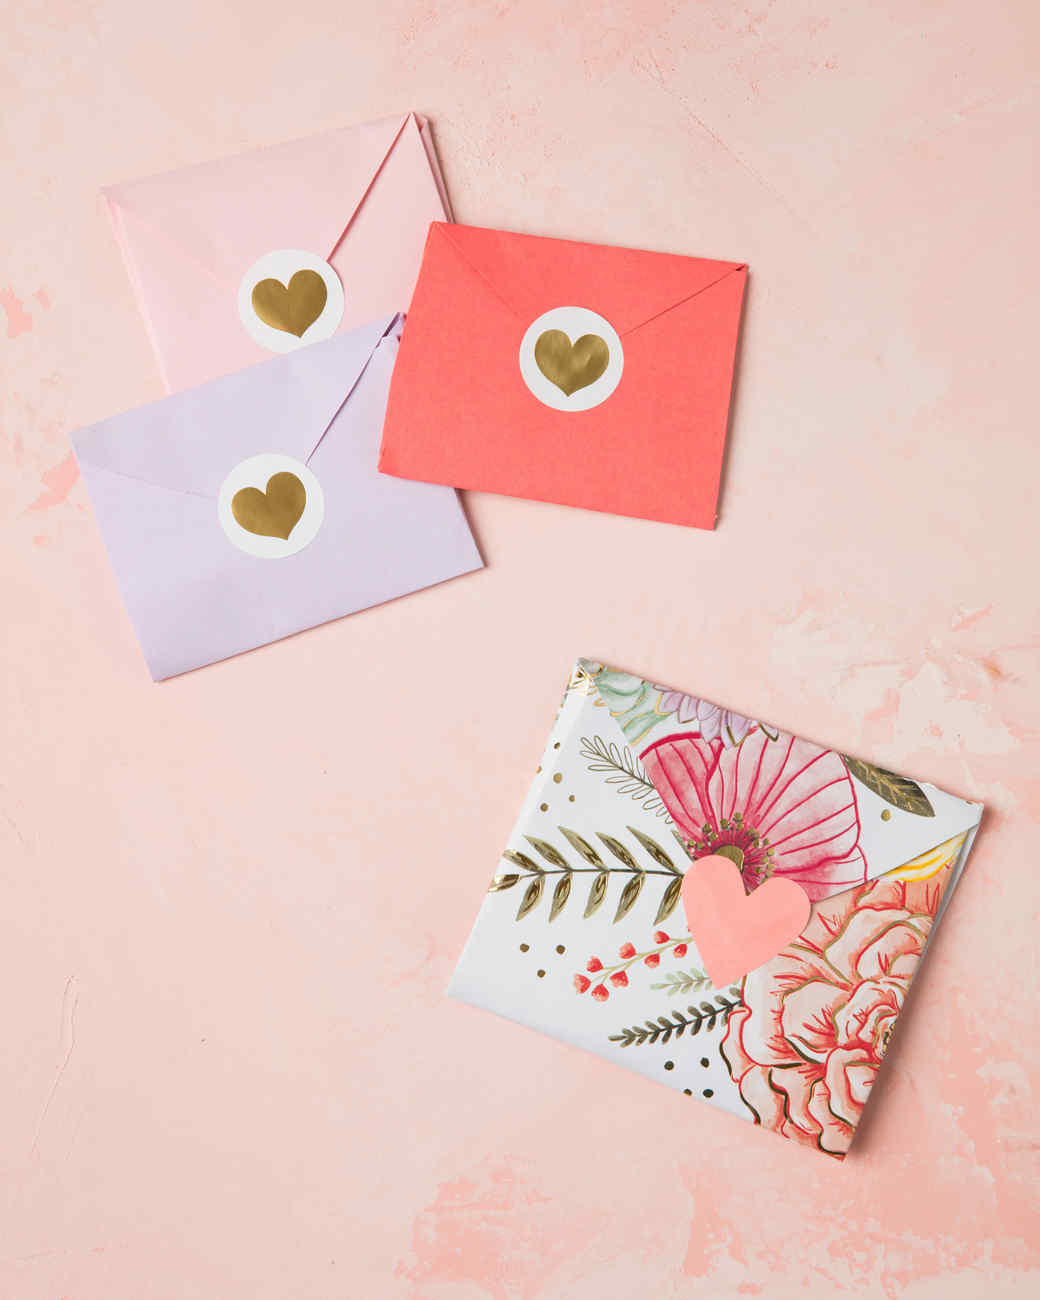 sobres hechos a mano para cartas de amor, como hacer un sobre bonito y original, ideas de regalos san valentin hechos a mano